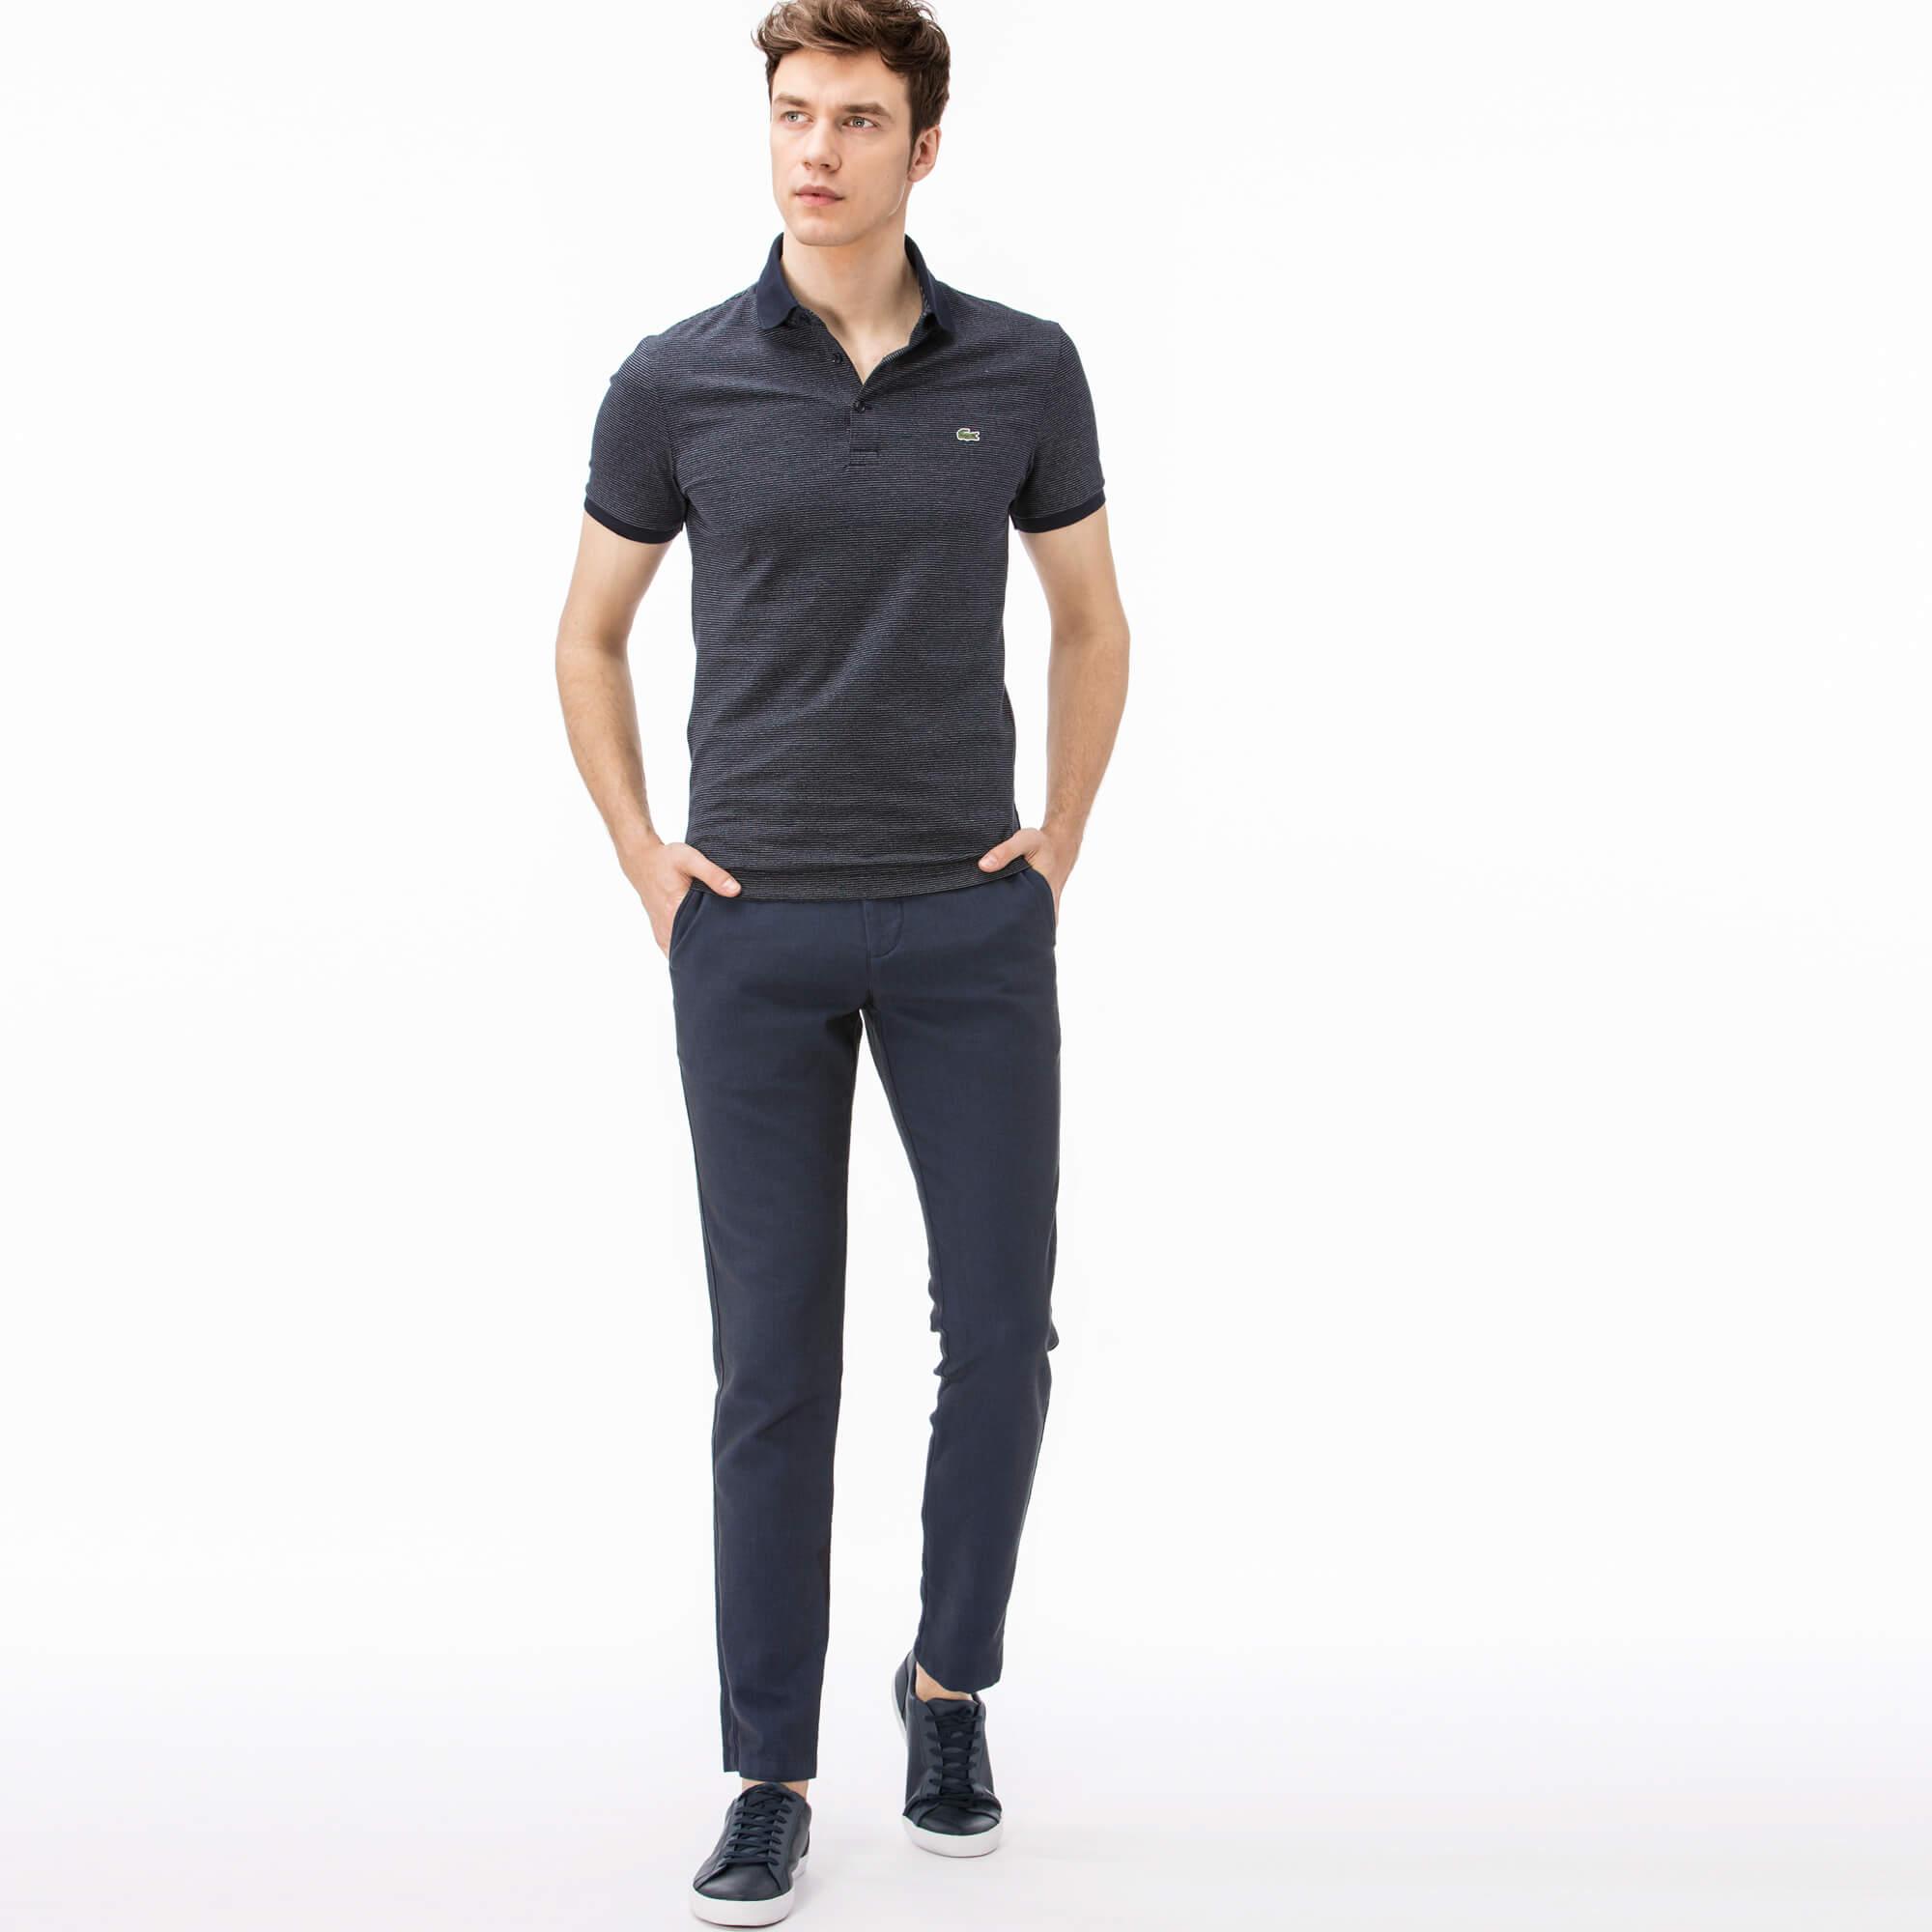 Брюки Lacoste Regular fitБрюки<br>Детали: стильные мужские брюки  \ Материал: 97% хлопок 3% эластан \ Страна производства: Турция